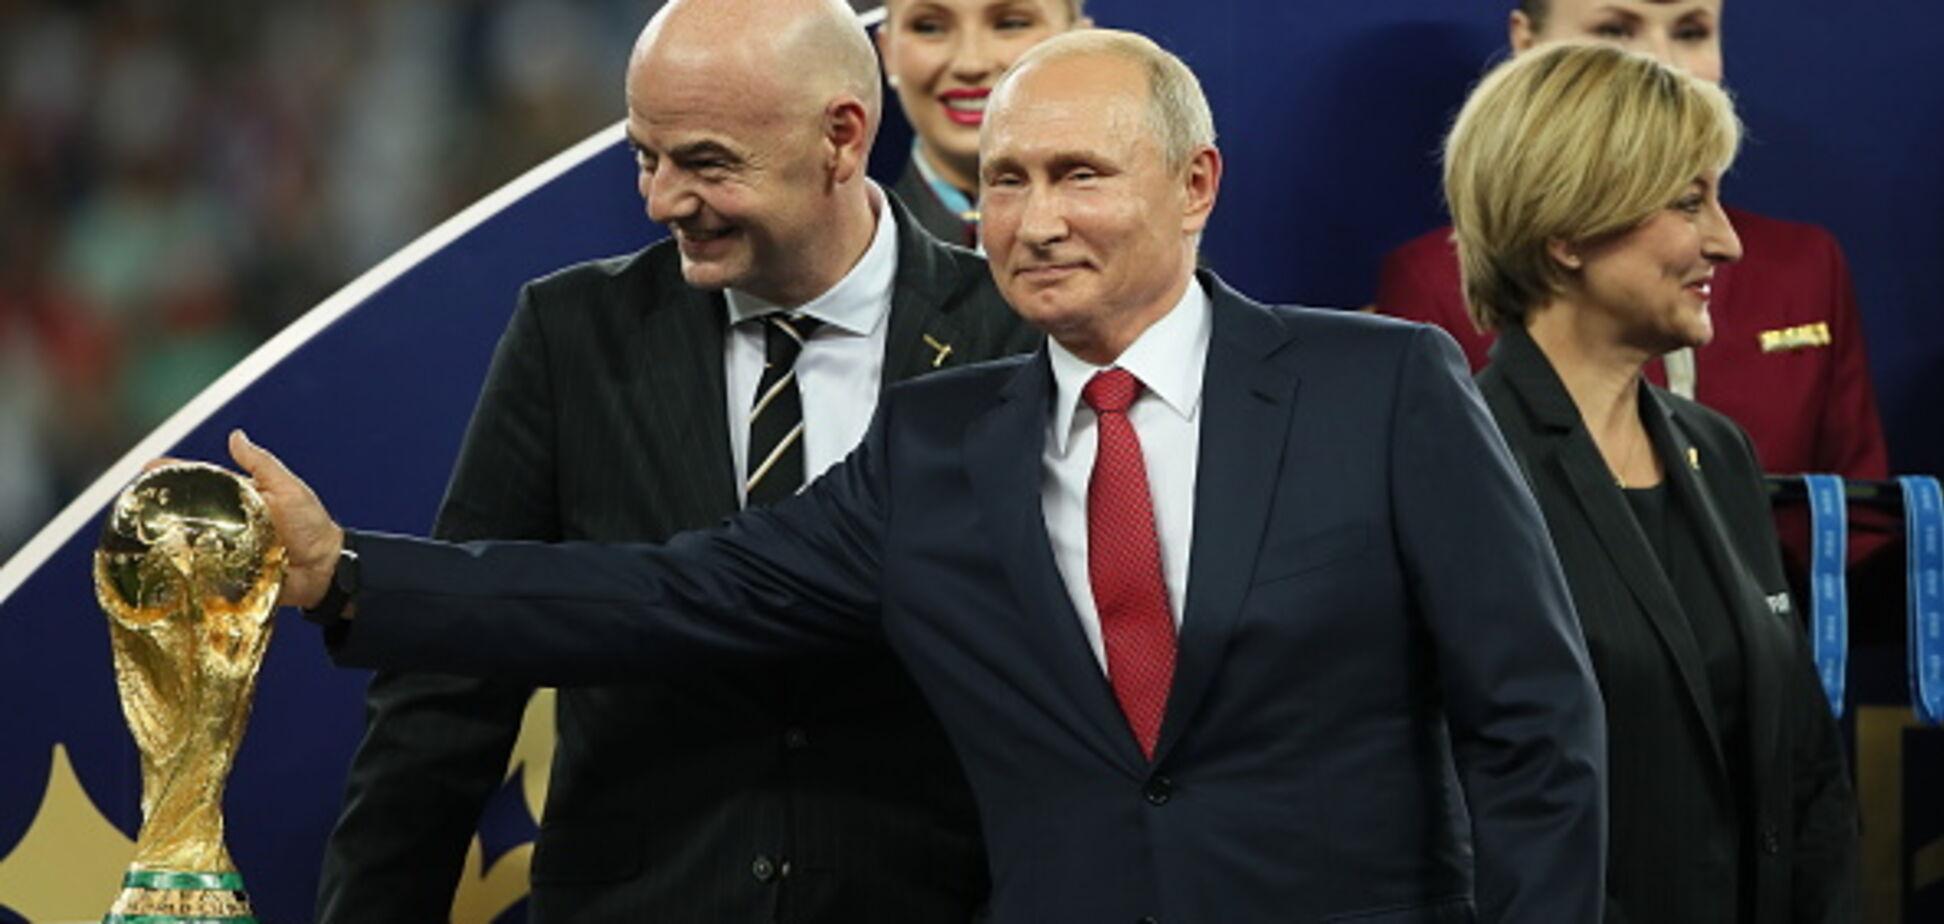 Путіну не дали вручити Кубок світу ФІФА: опубліковано відео